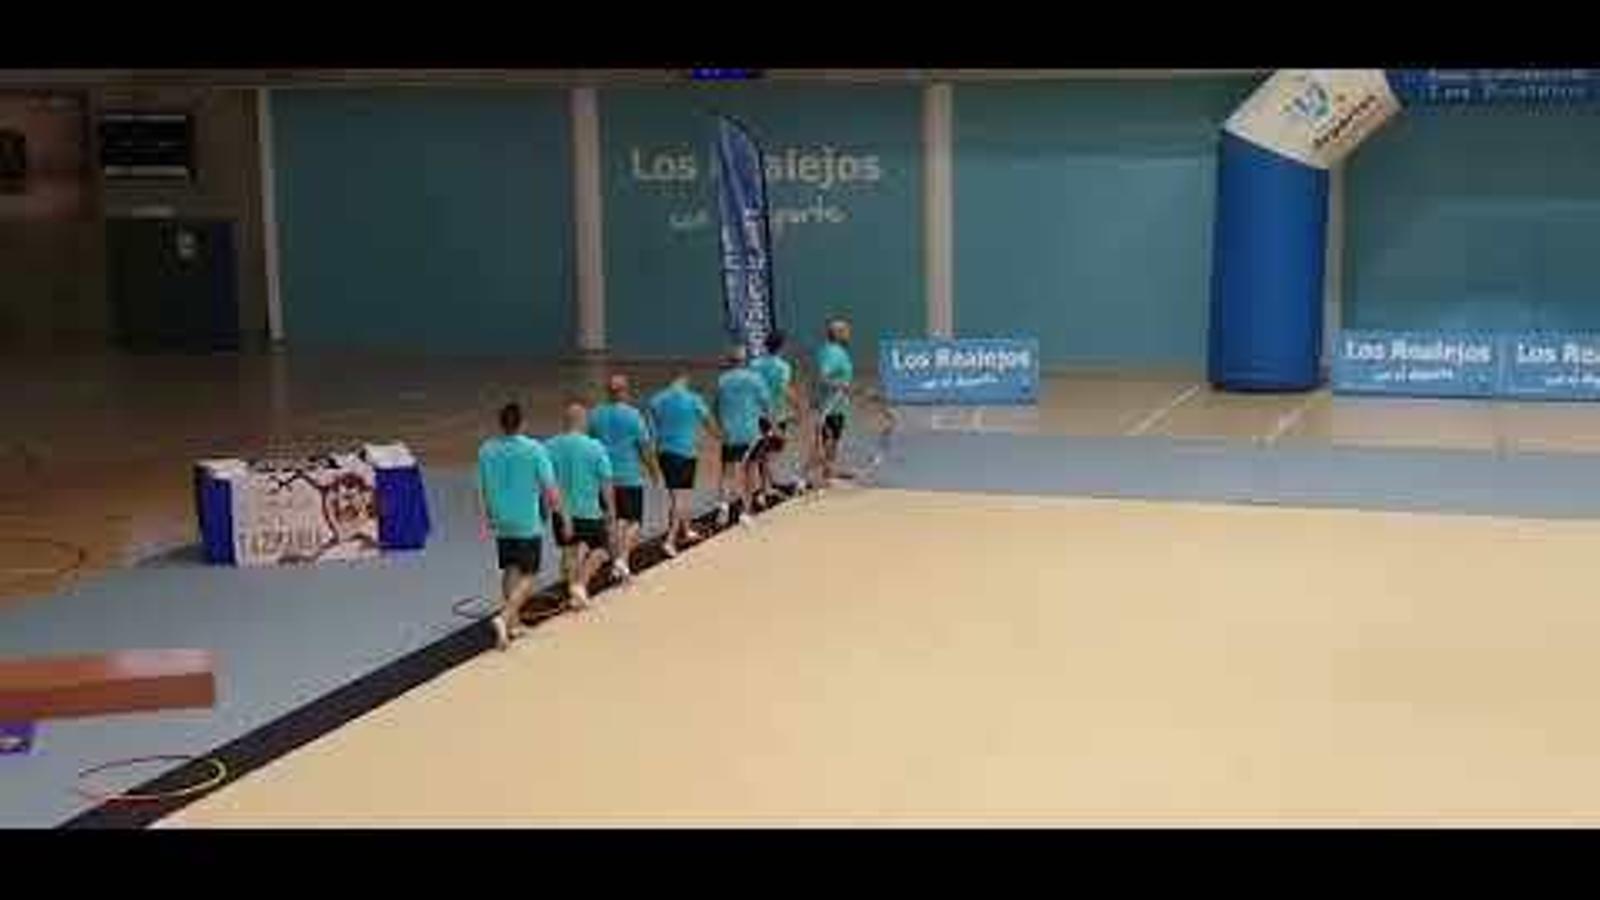 Els pares fent els excercicis de gimnàstica rítmica